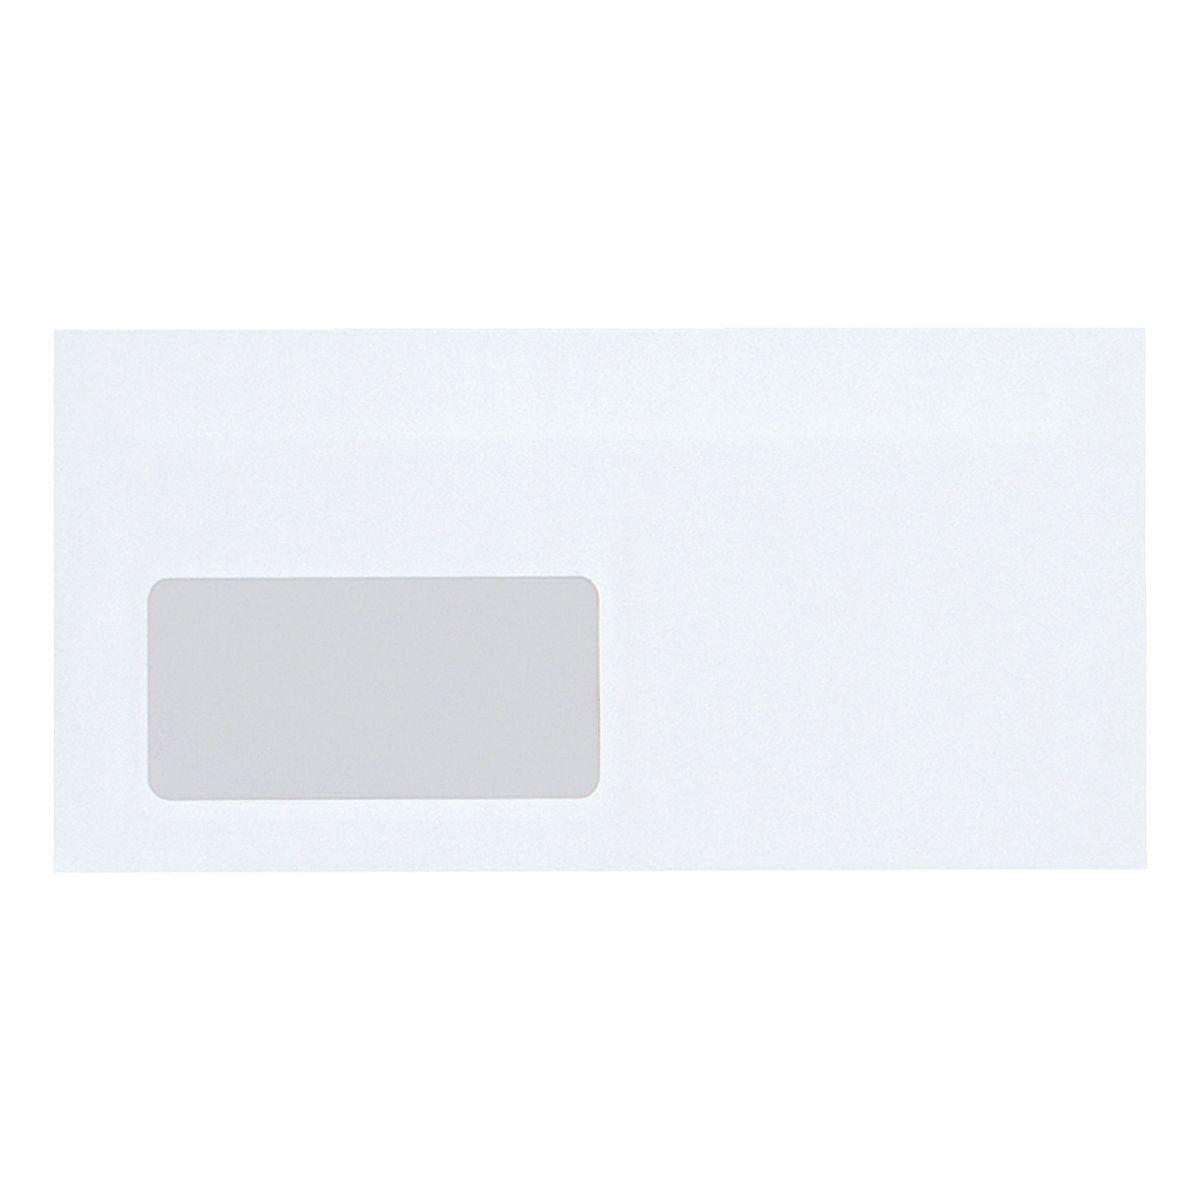 Mailmedia Briefumschläge DL mit Fenster und Nassklebung